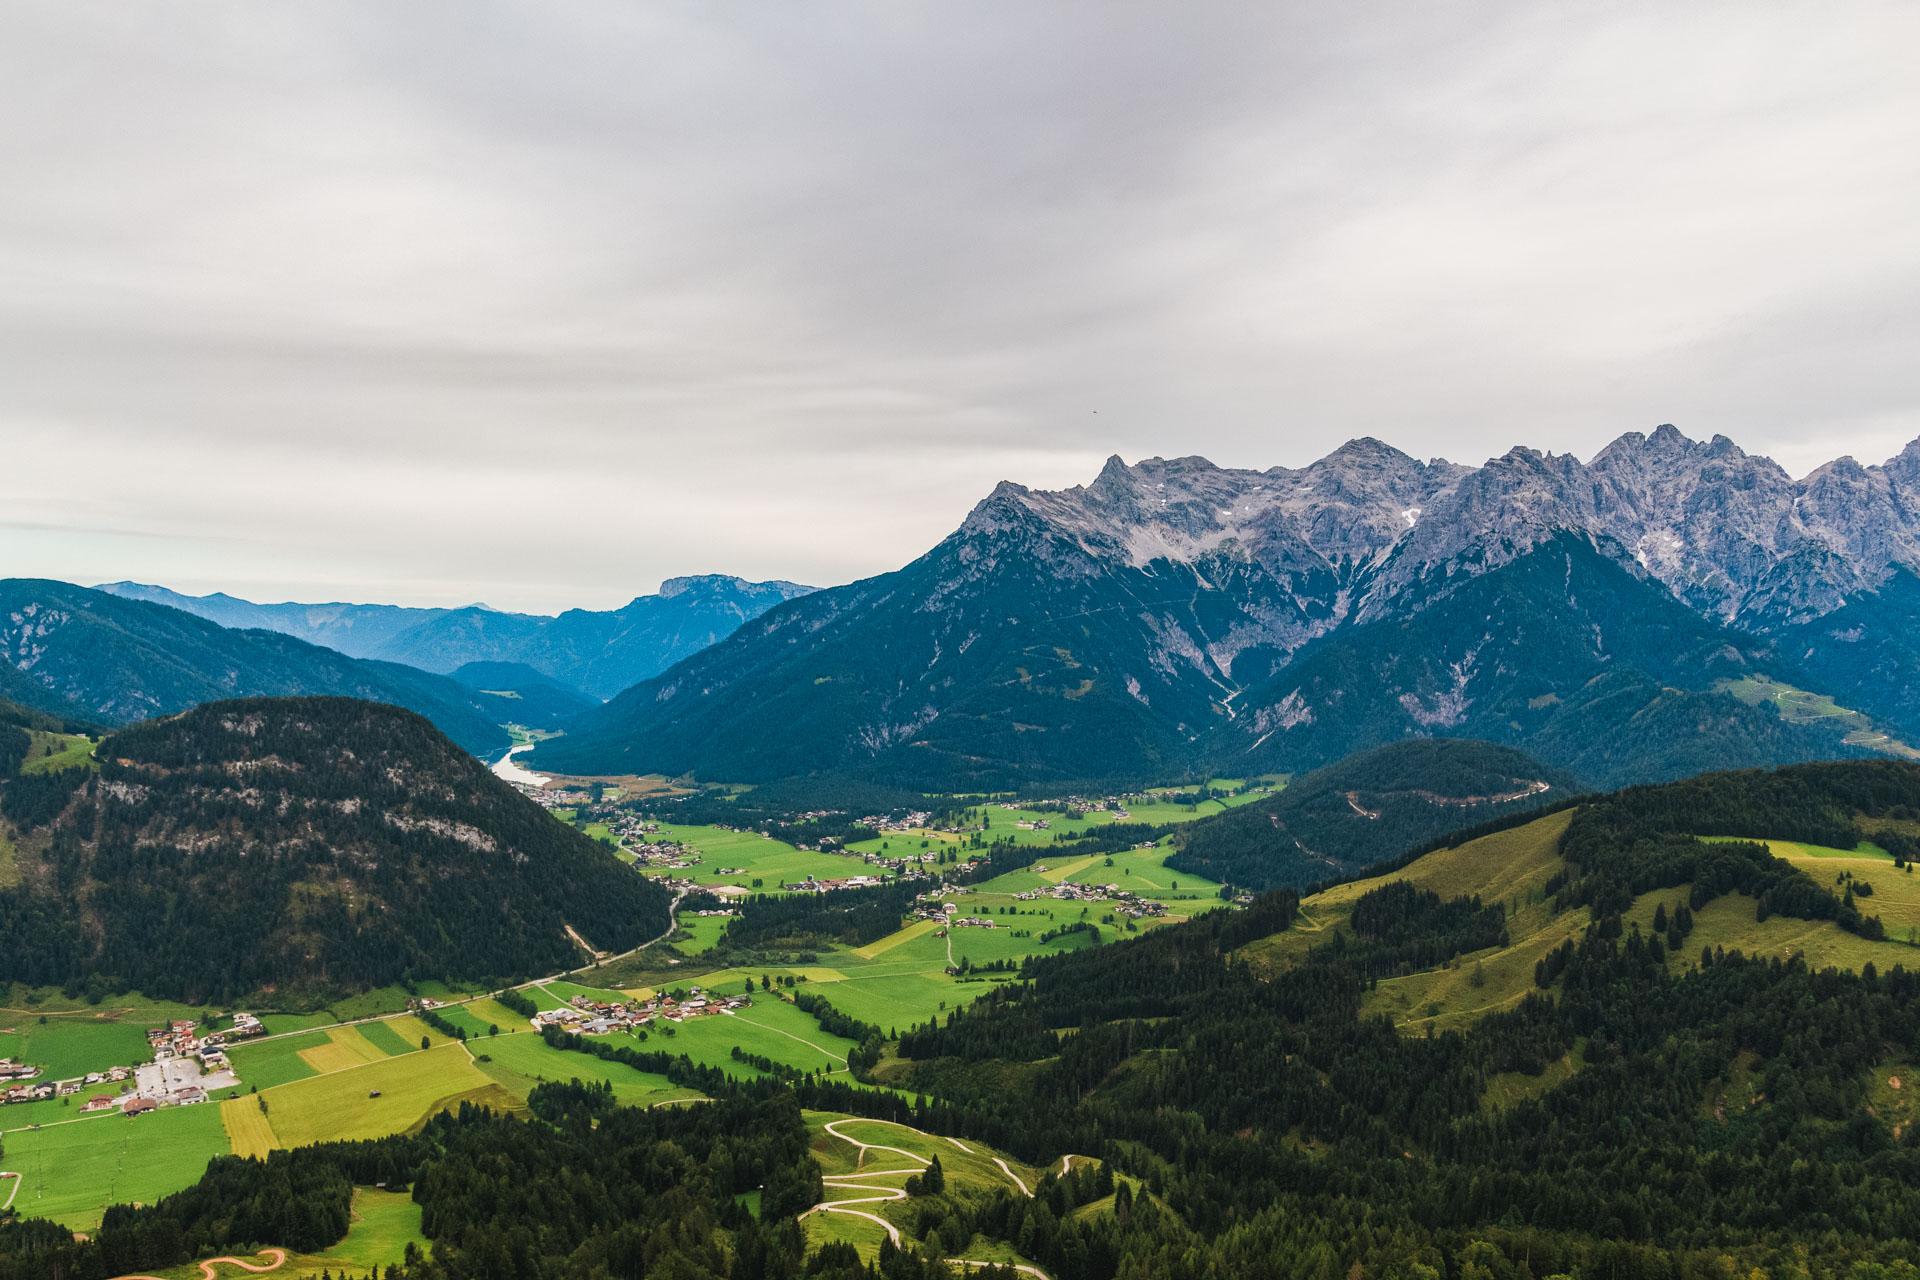 In der Ferne: Der Pillersee inmitten der Berge